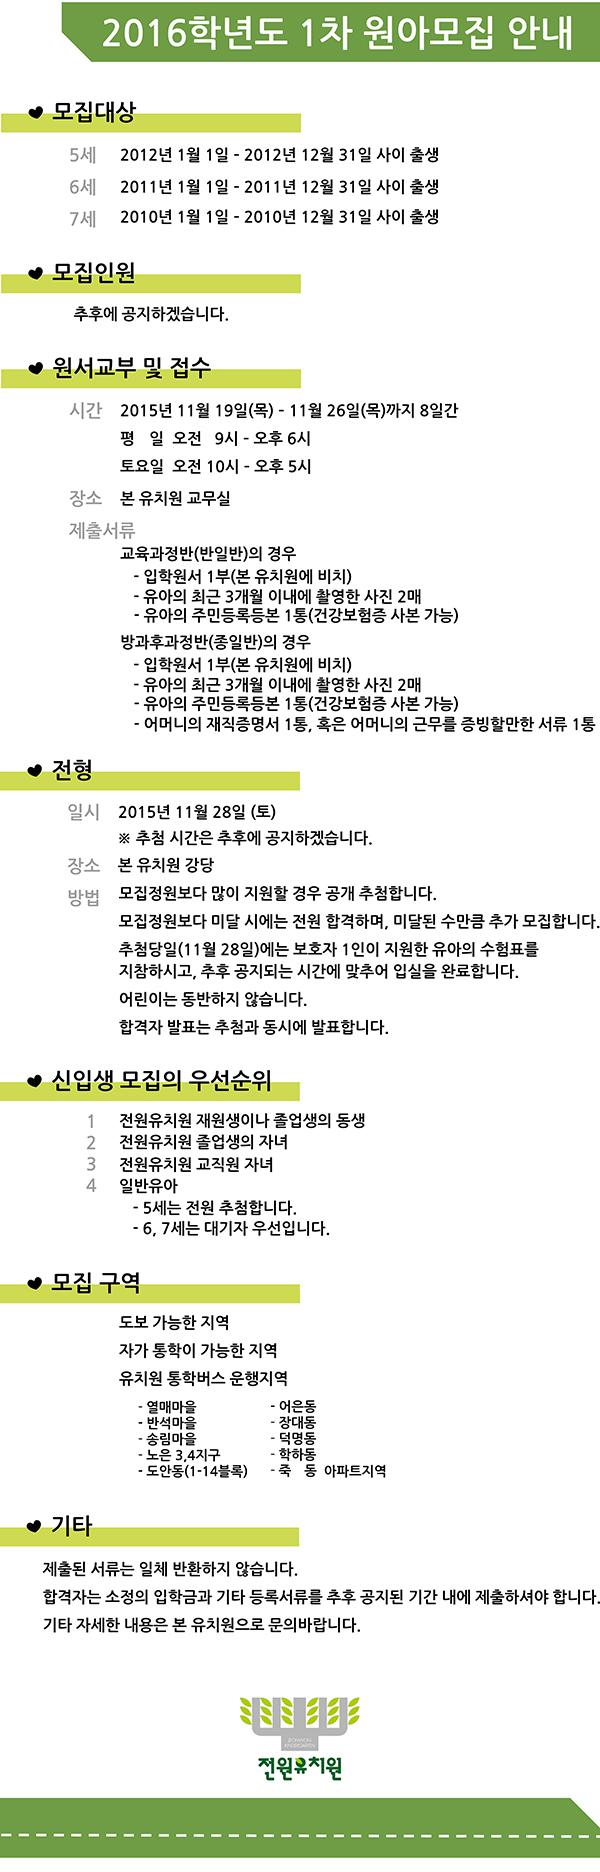 2016학년도원아모집안내_resize.jpg